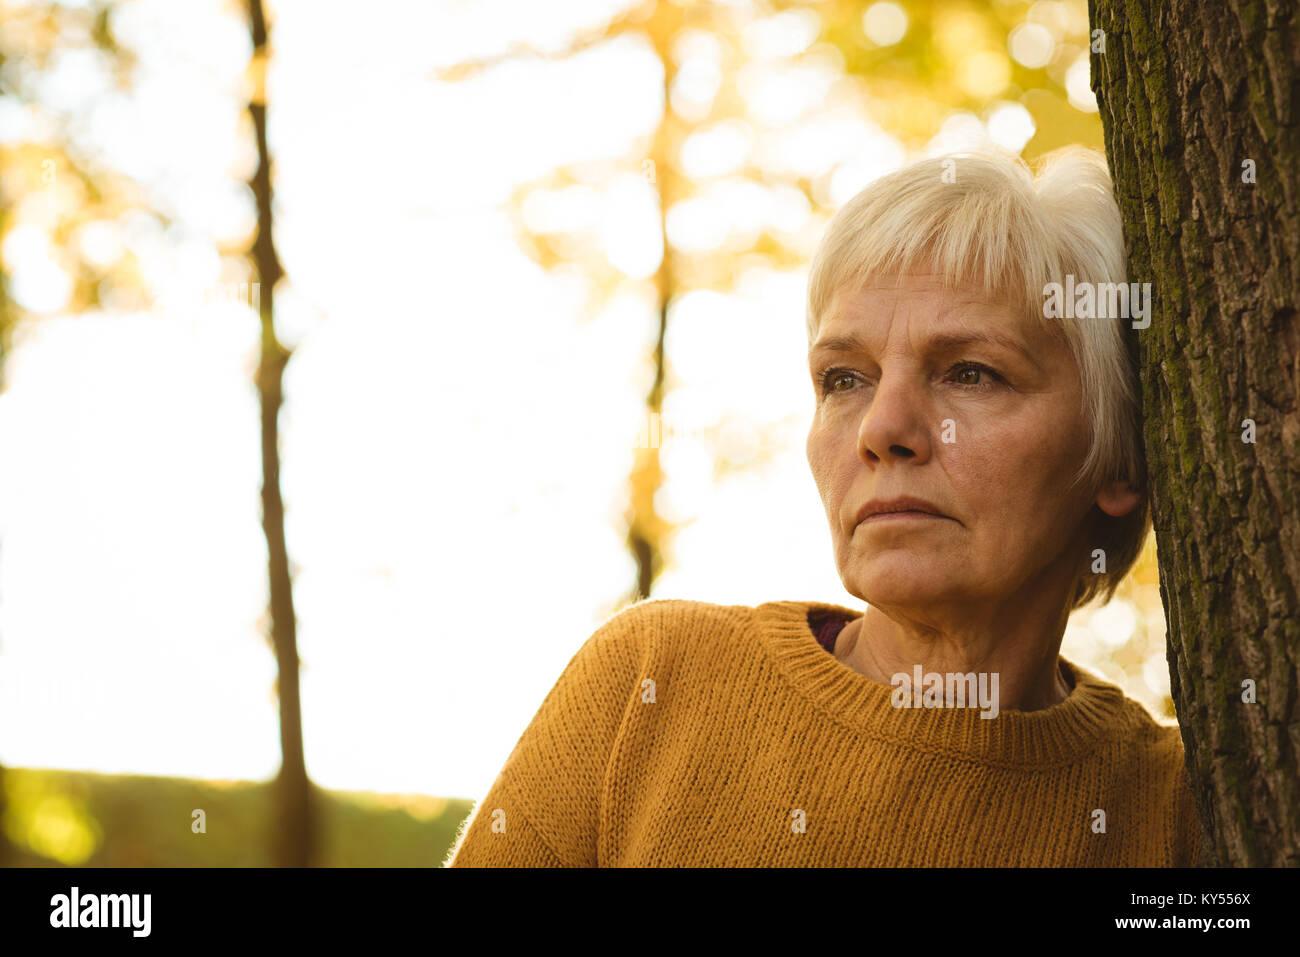 Nachdenklich senior Frau lehnte sich auf Baumstamm in den Park an einem sonnigen Tag Stockbild